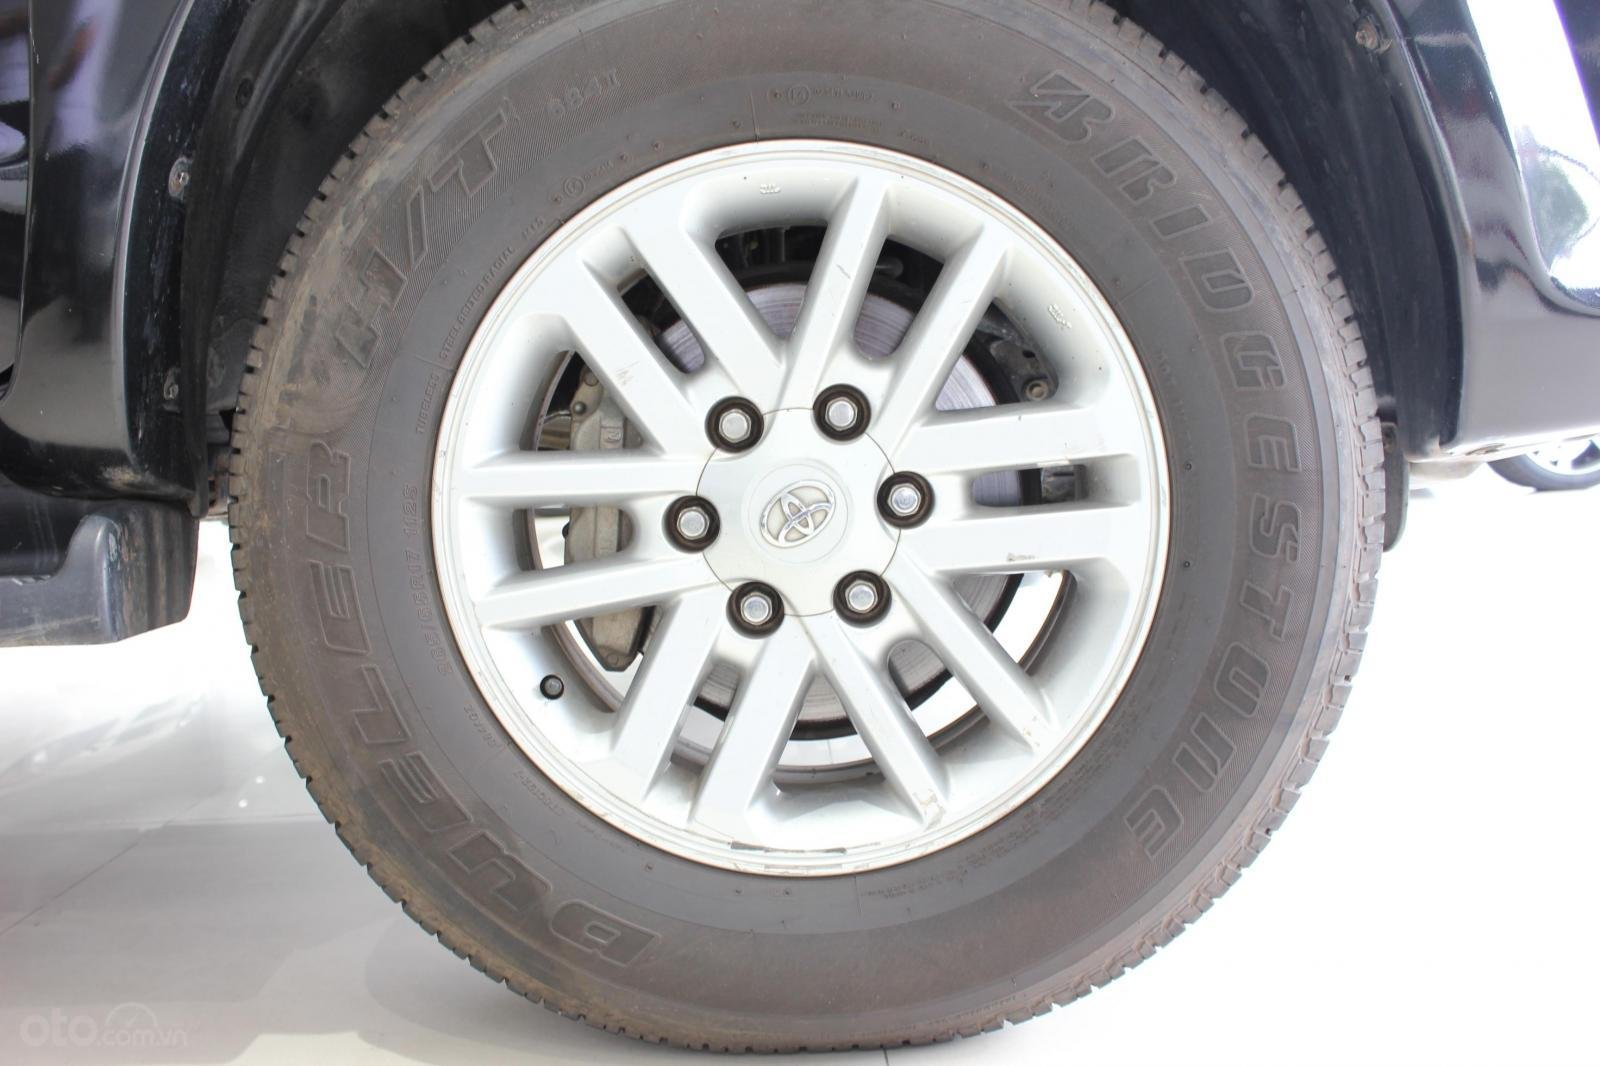 Bán xe Toyota Fortuner 2.5G MT đời 2012, máy dầu, màu đen, biển SG, xe đẹp (17)